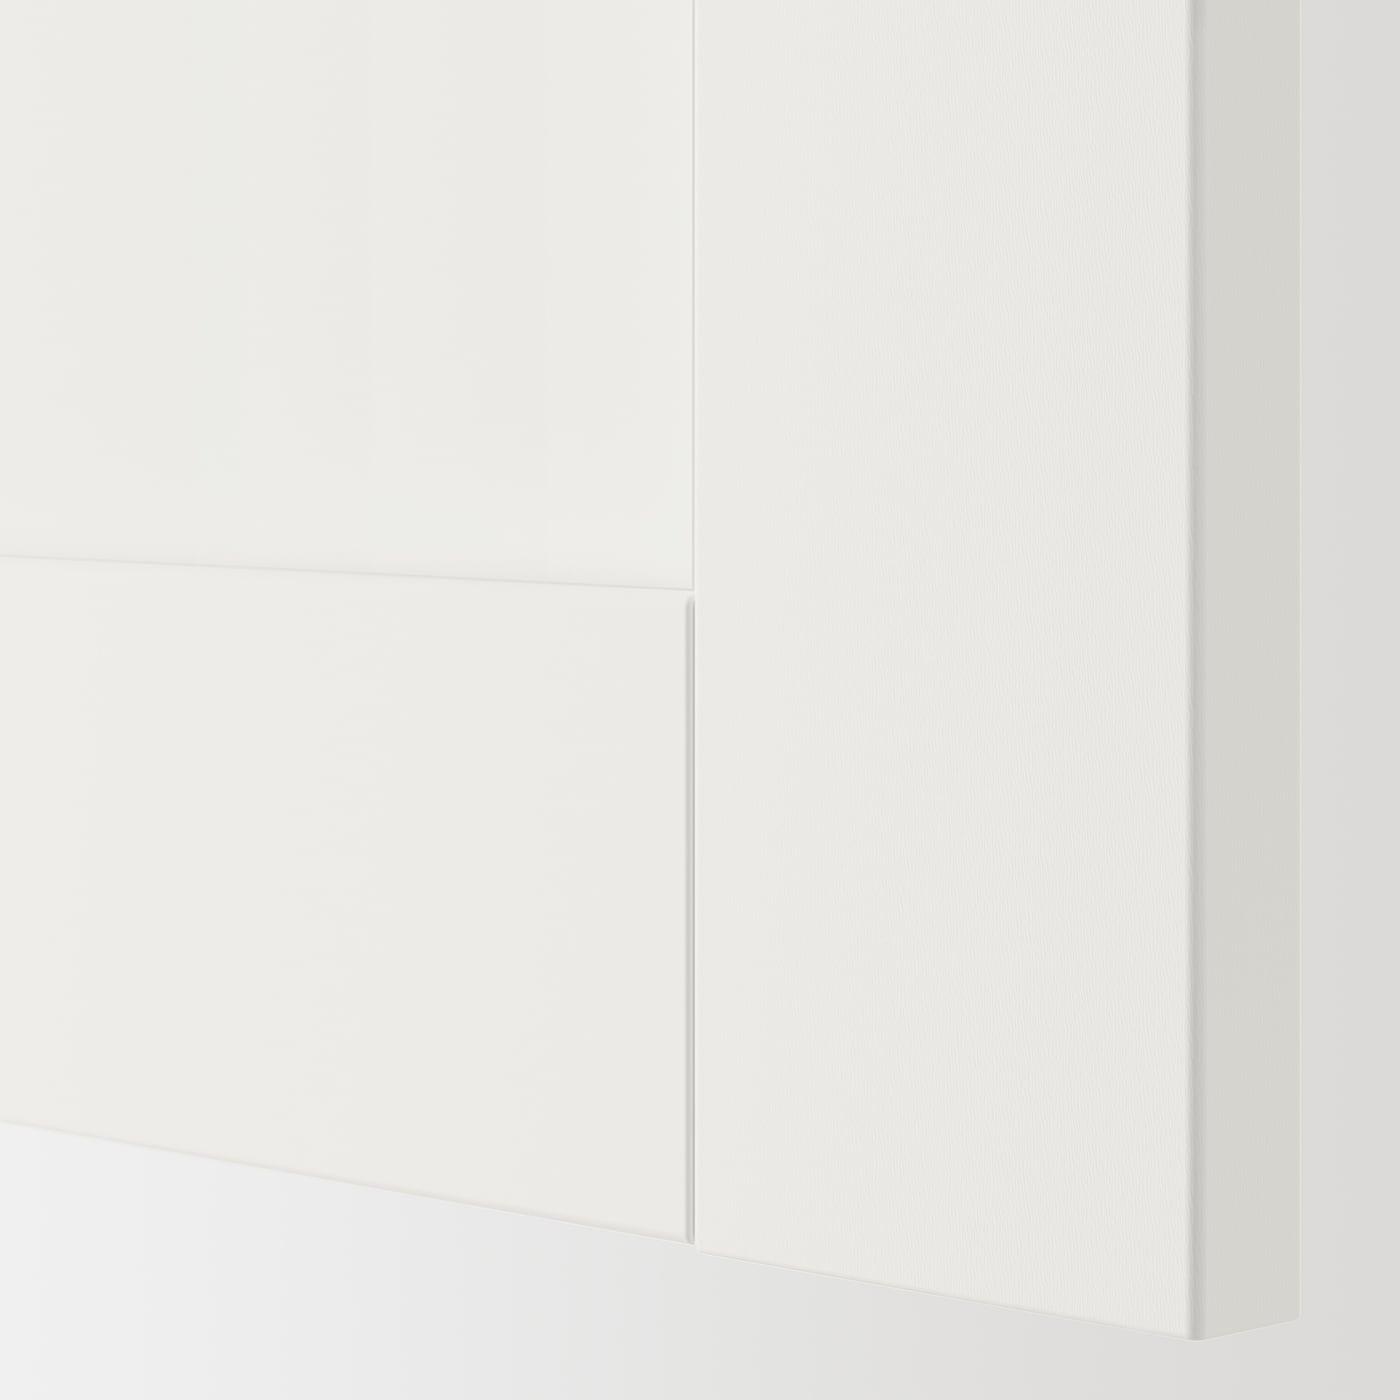 ENHET Wall cb w 2 shlvs/doors, white/white frame, 60x15x75 cm